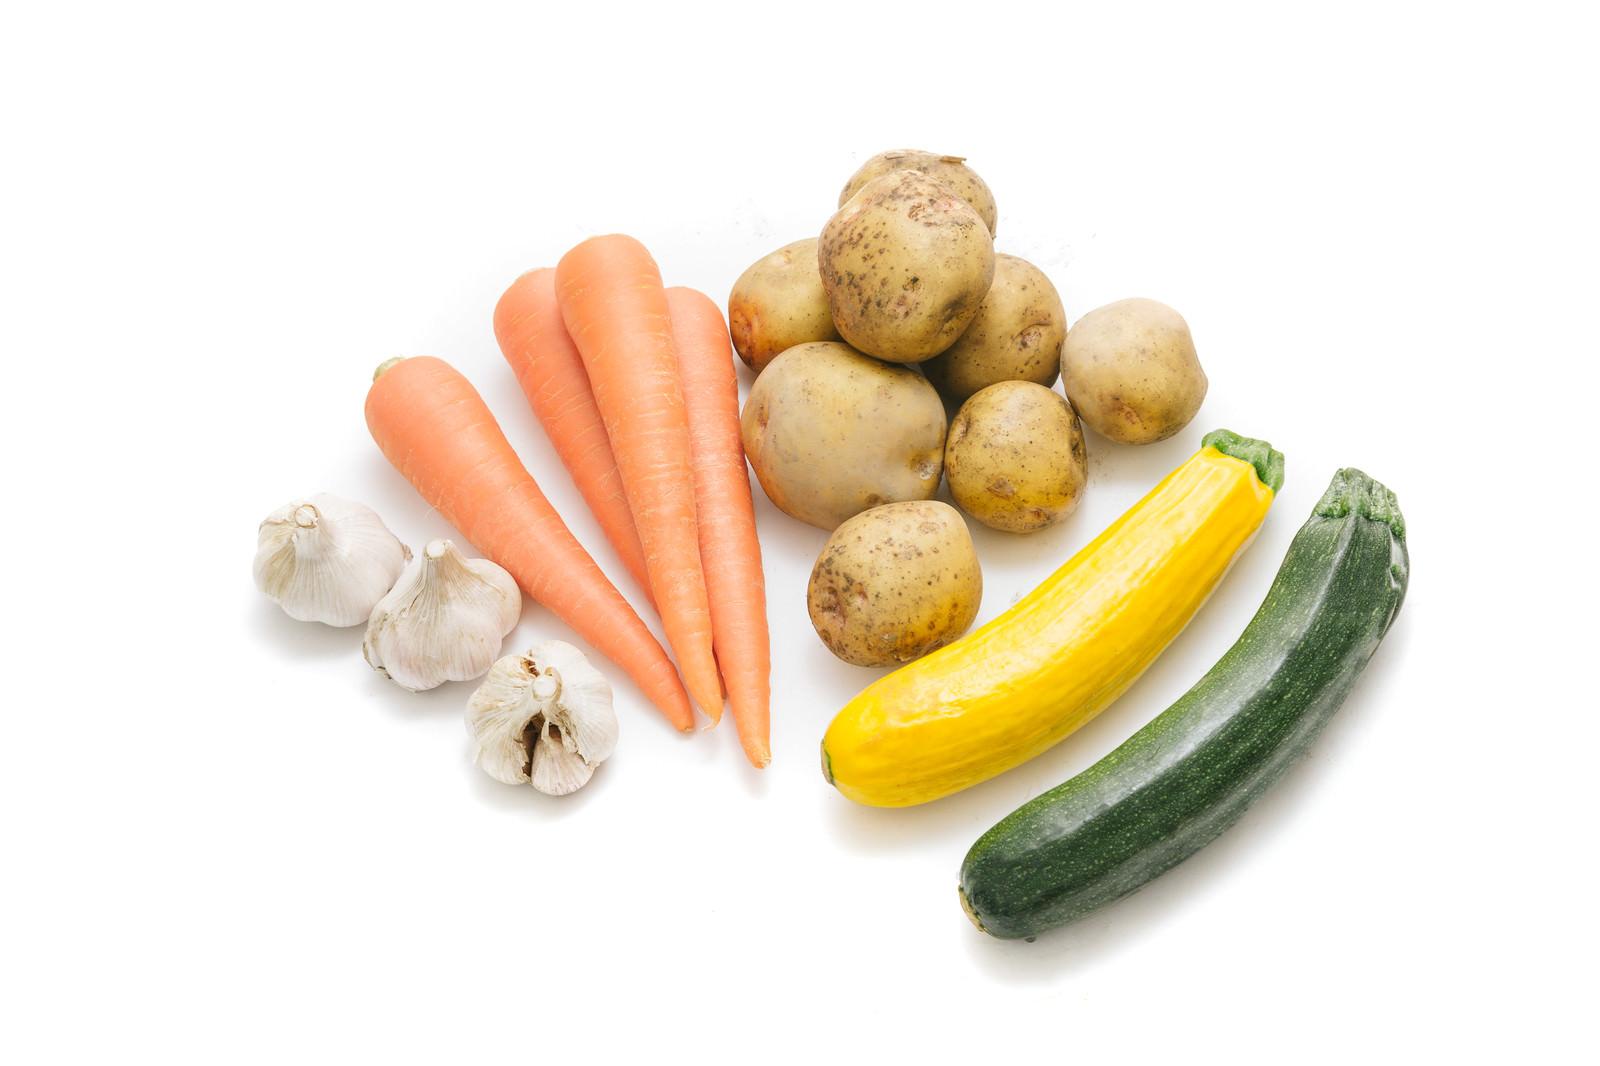 「大刀洗野菜の採れたて根菜など」の写真